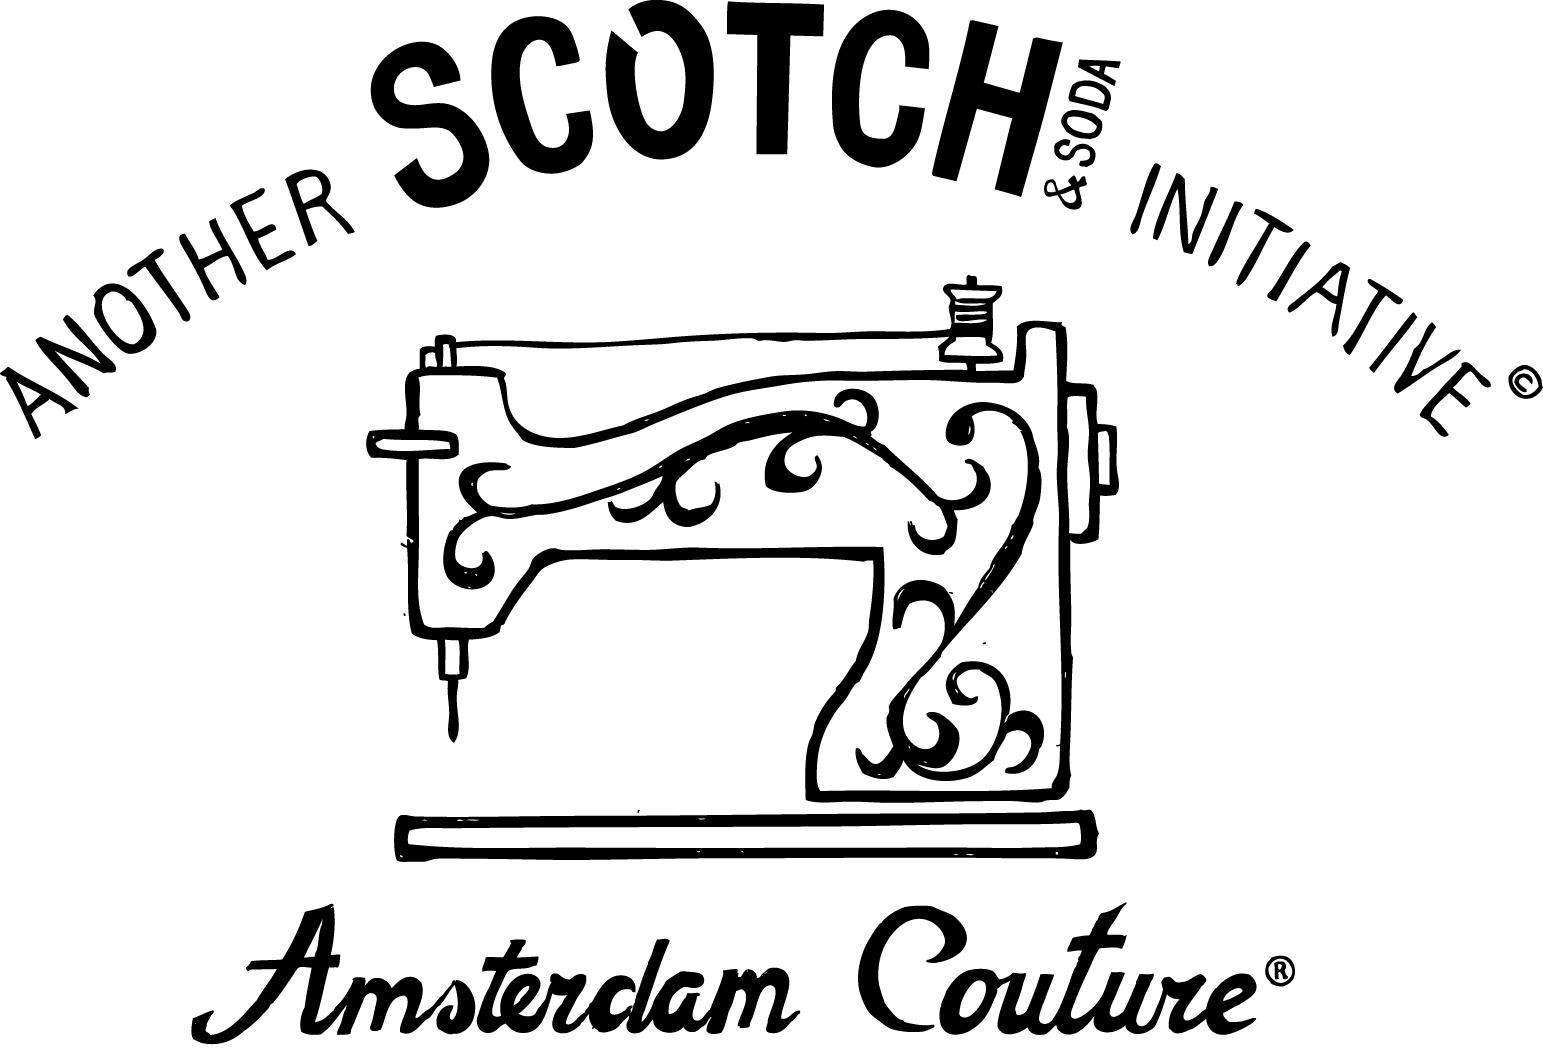 ScotchDEF_LOGO-sewingmachine AW08.jpg